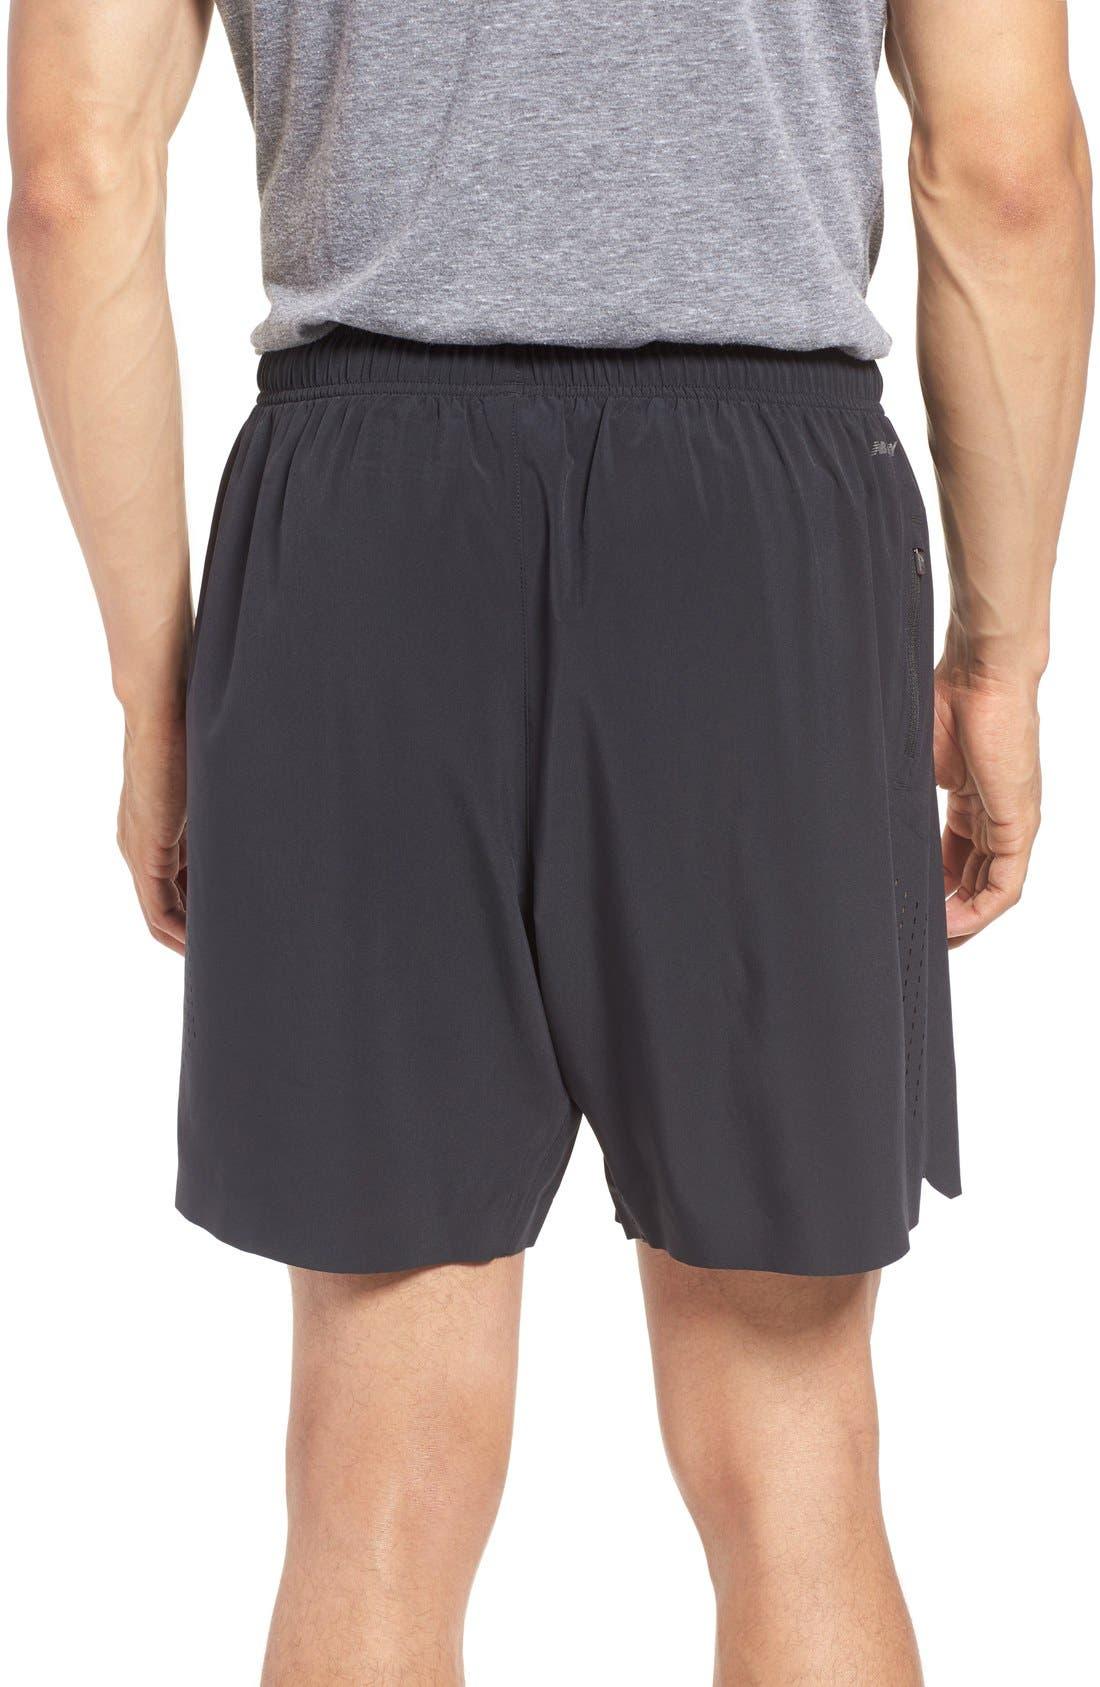 Alternate Image 2  - New Balance 'Shift' Athletic Fit Training Shorts